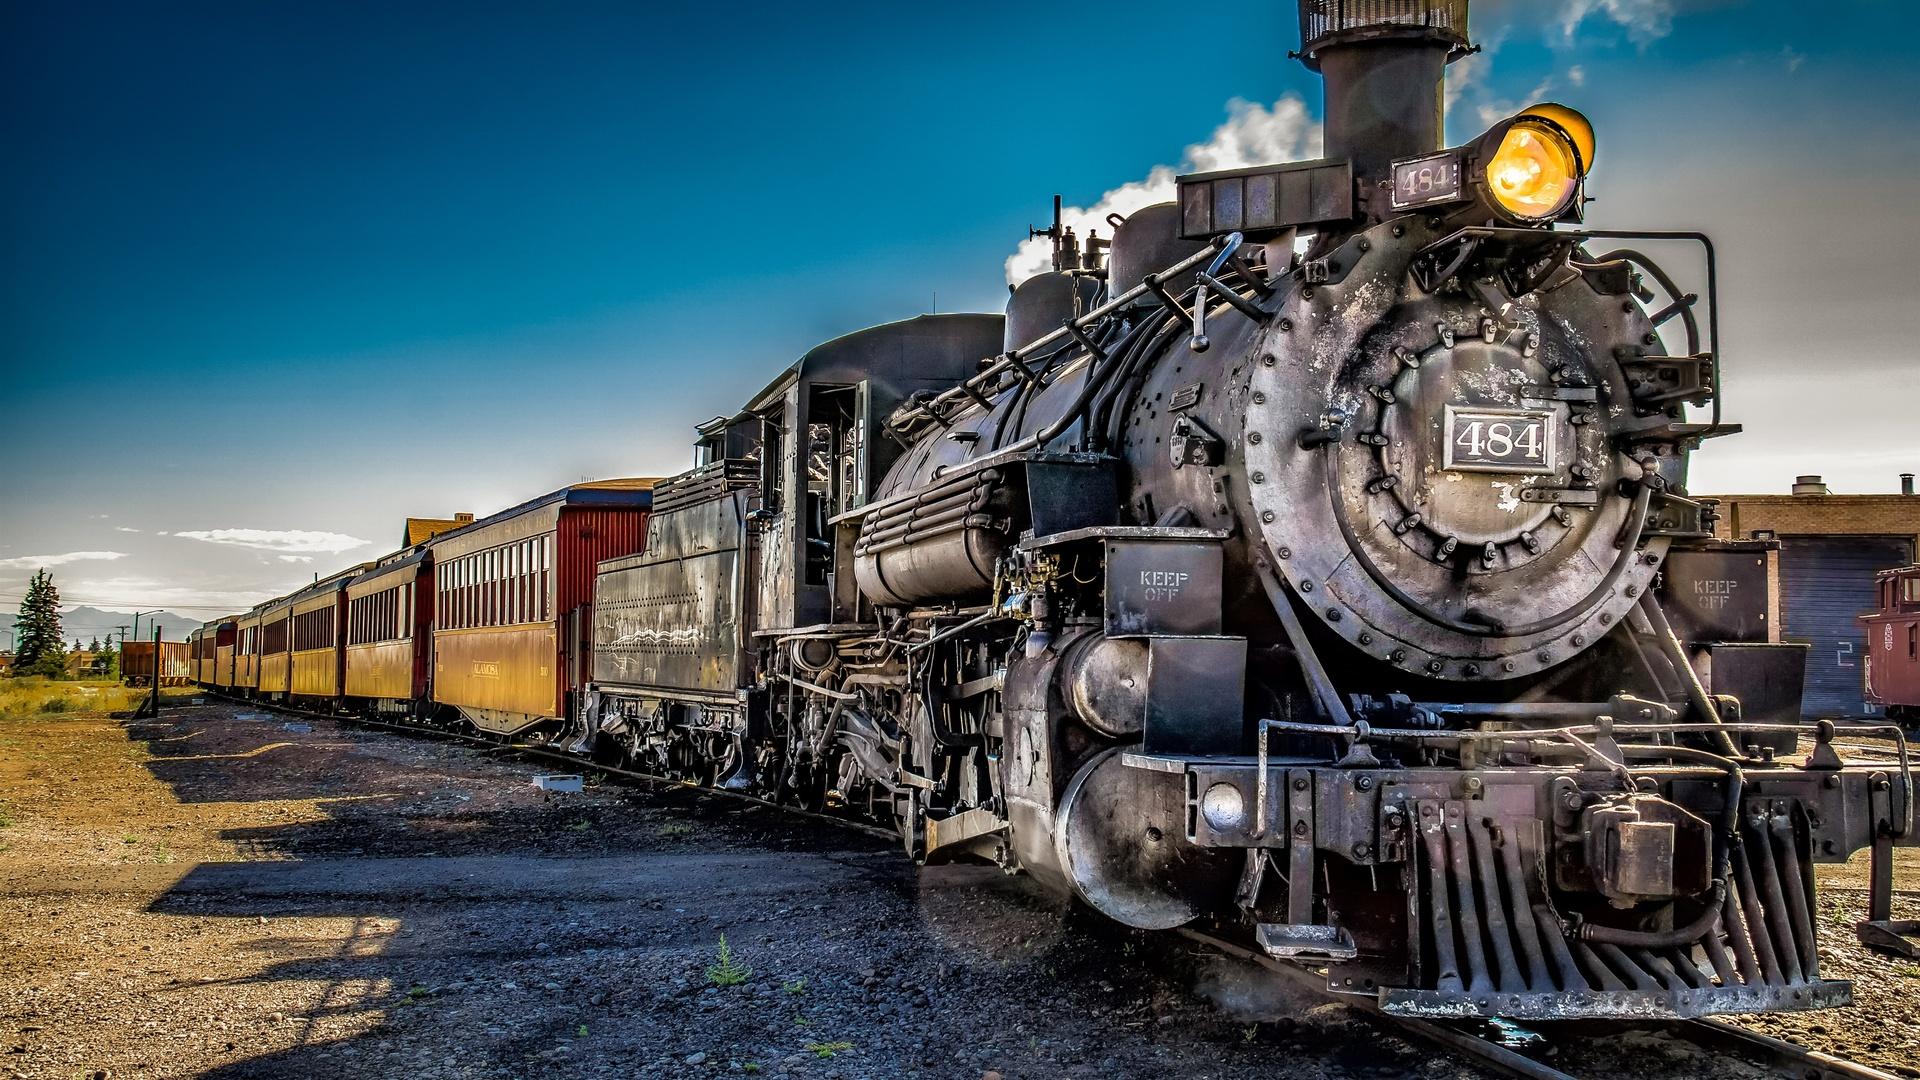 поезд, ретро, паровоз